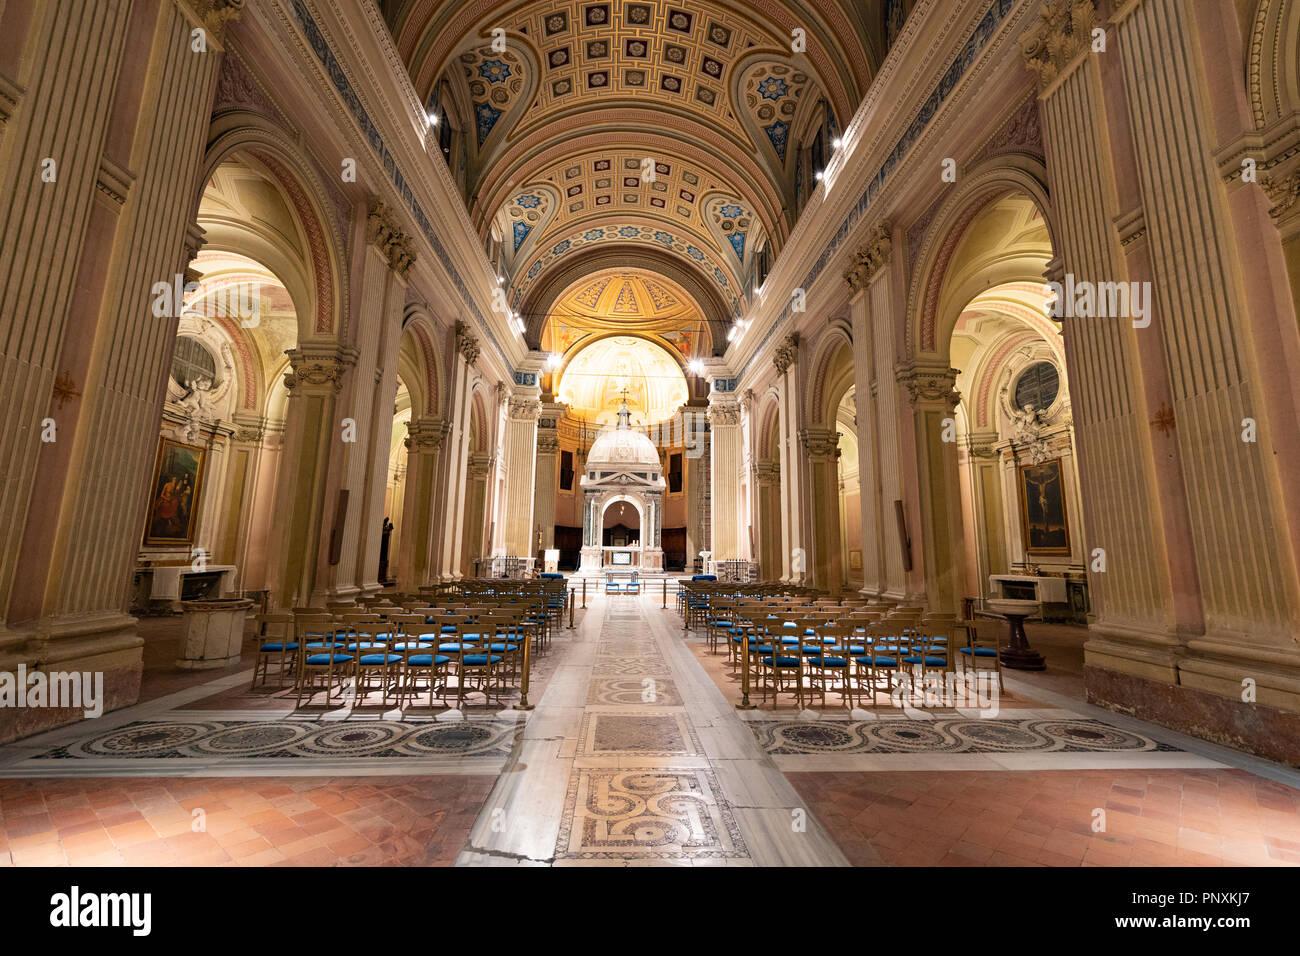 A beautiful church next to the buco della serratura, Rome, Italy. - Stock Image